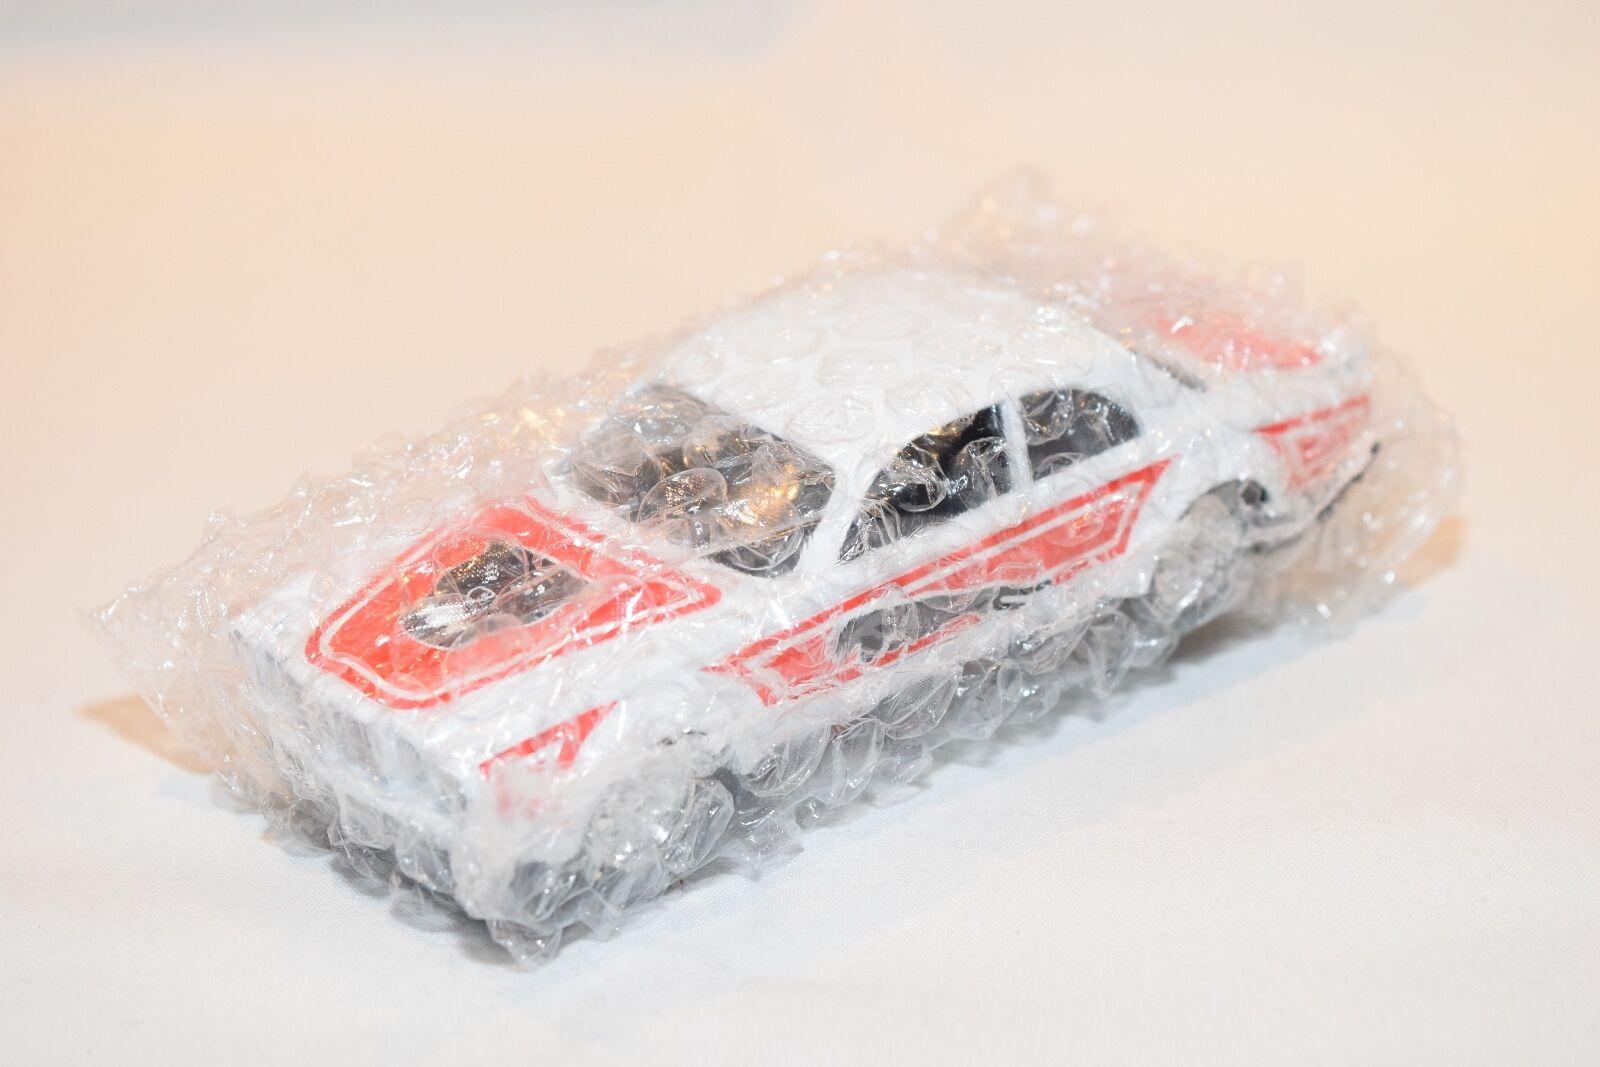 il più recente DINKY giocattoli JAGUAR XJ 5.3 5.3 5.3 C gree CAT MINT IN borsa NEVER OPENED RARE SELTEN     protezione post-vendita